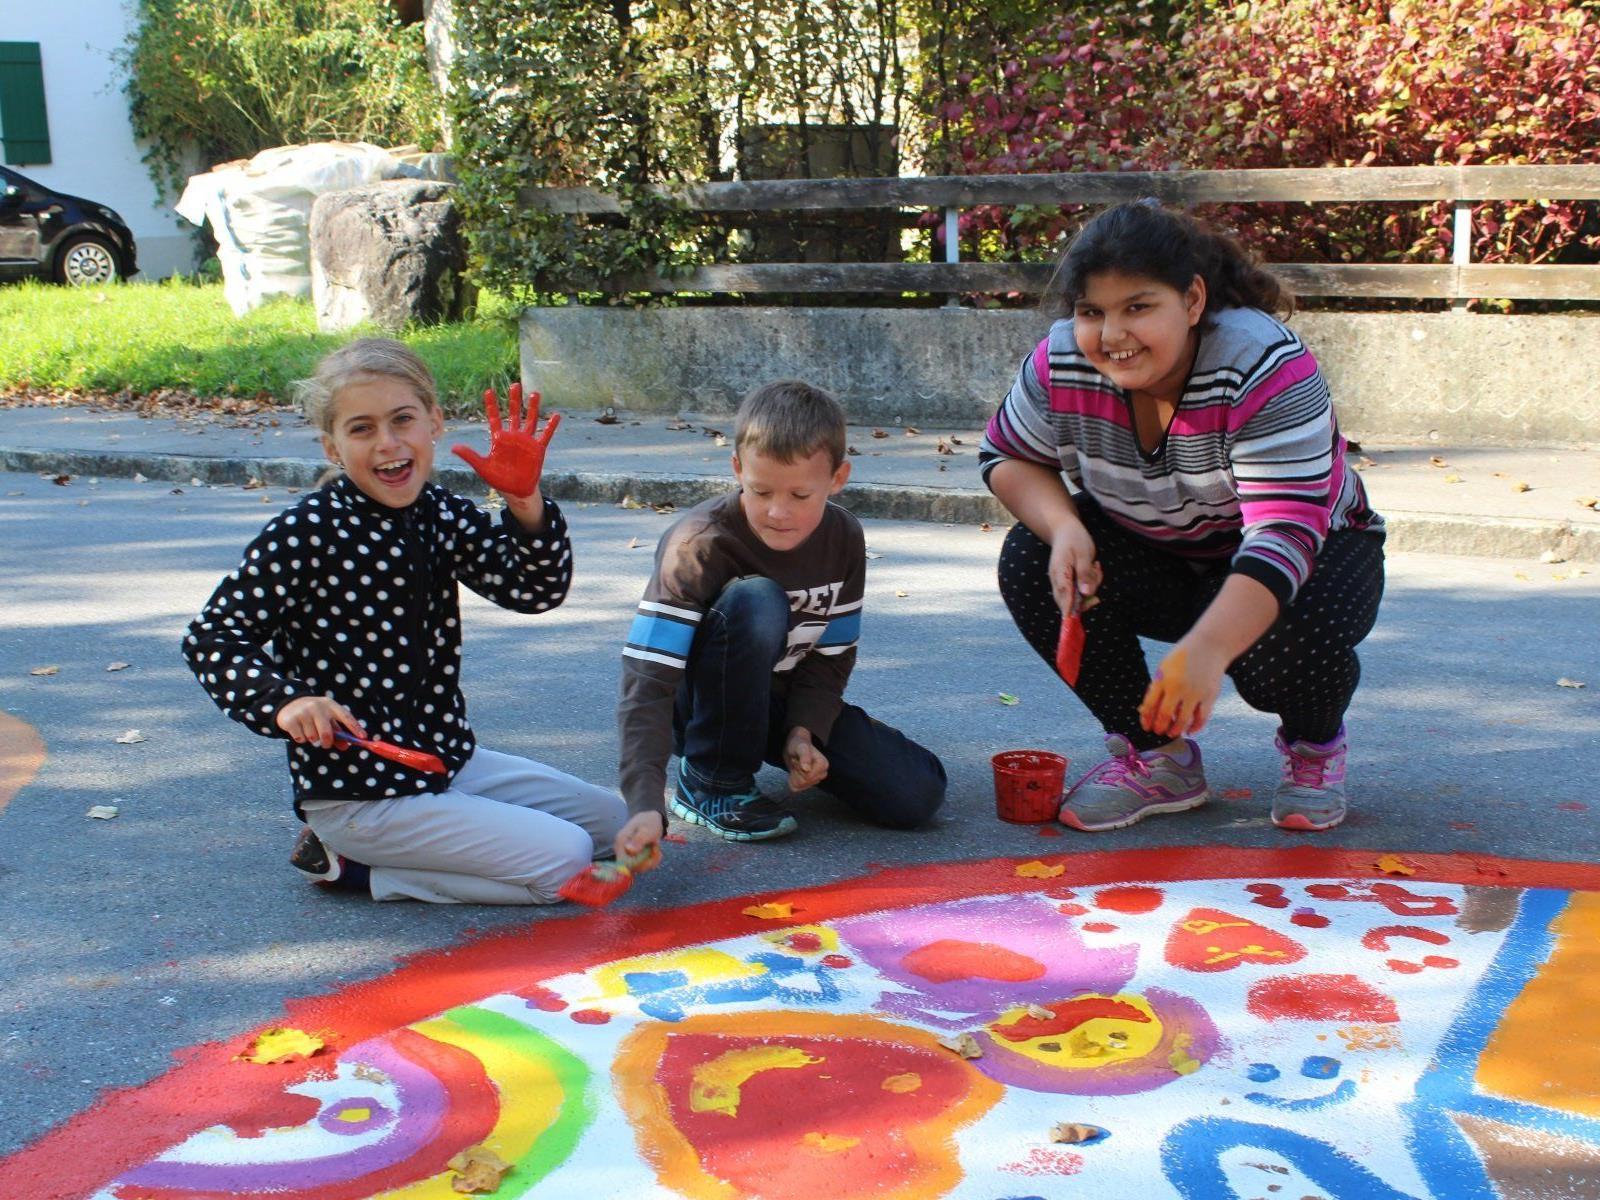 Auch Lea, Benedikt und Ivana zauberten Kunstwerke auf den Asphalt.